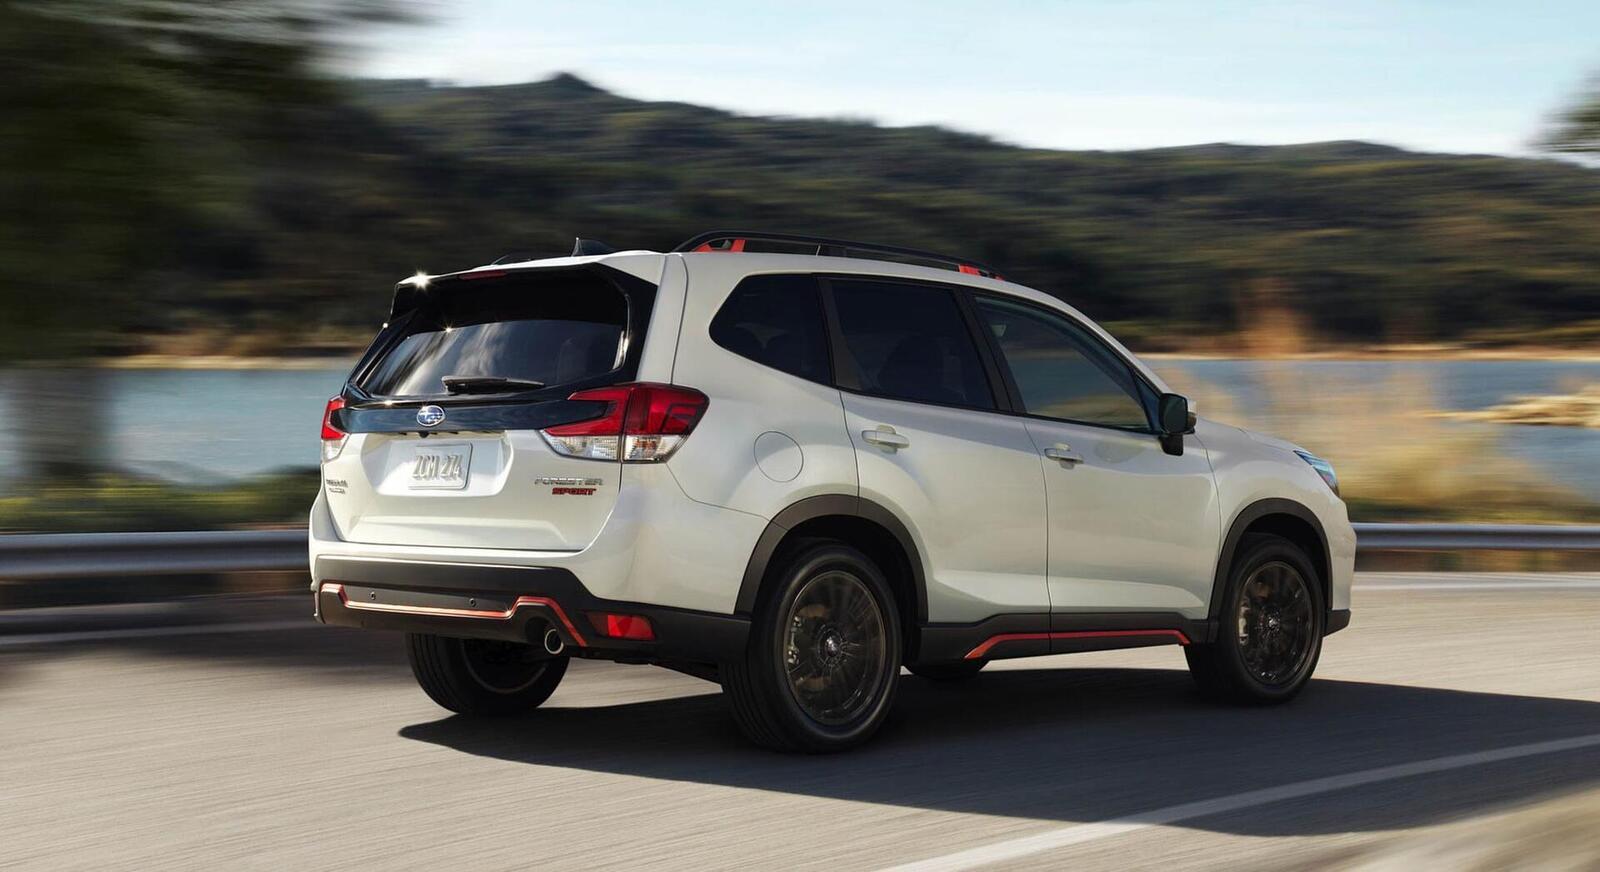 Sự khác biệt giữa Subaru Forester thế hệ mới và cũ - Hình 9